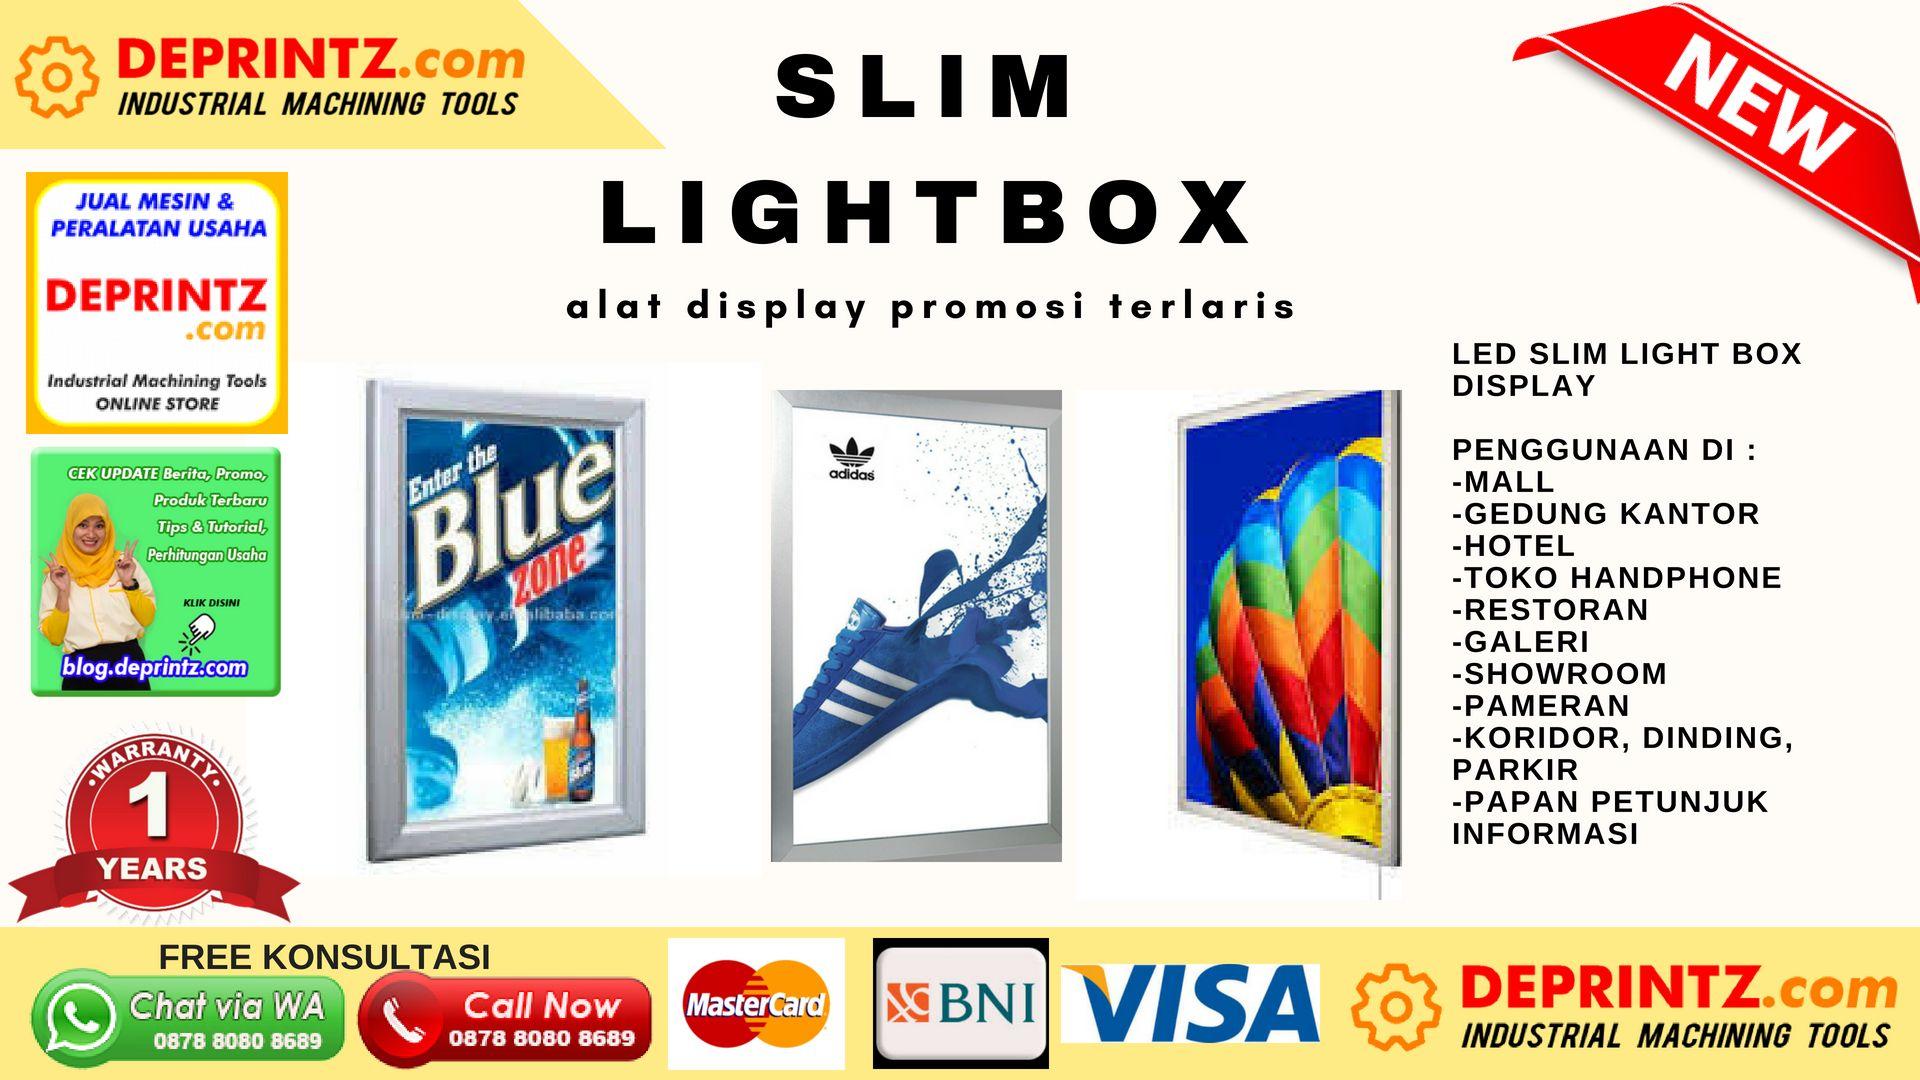 Slim Light Box Murah Sebuah Media Panel Datar Seperti Pigura